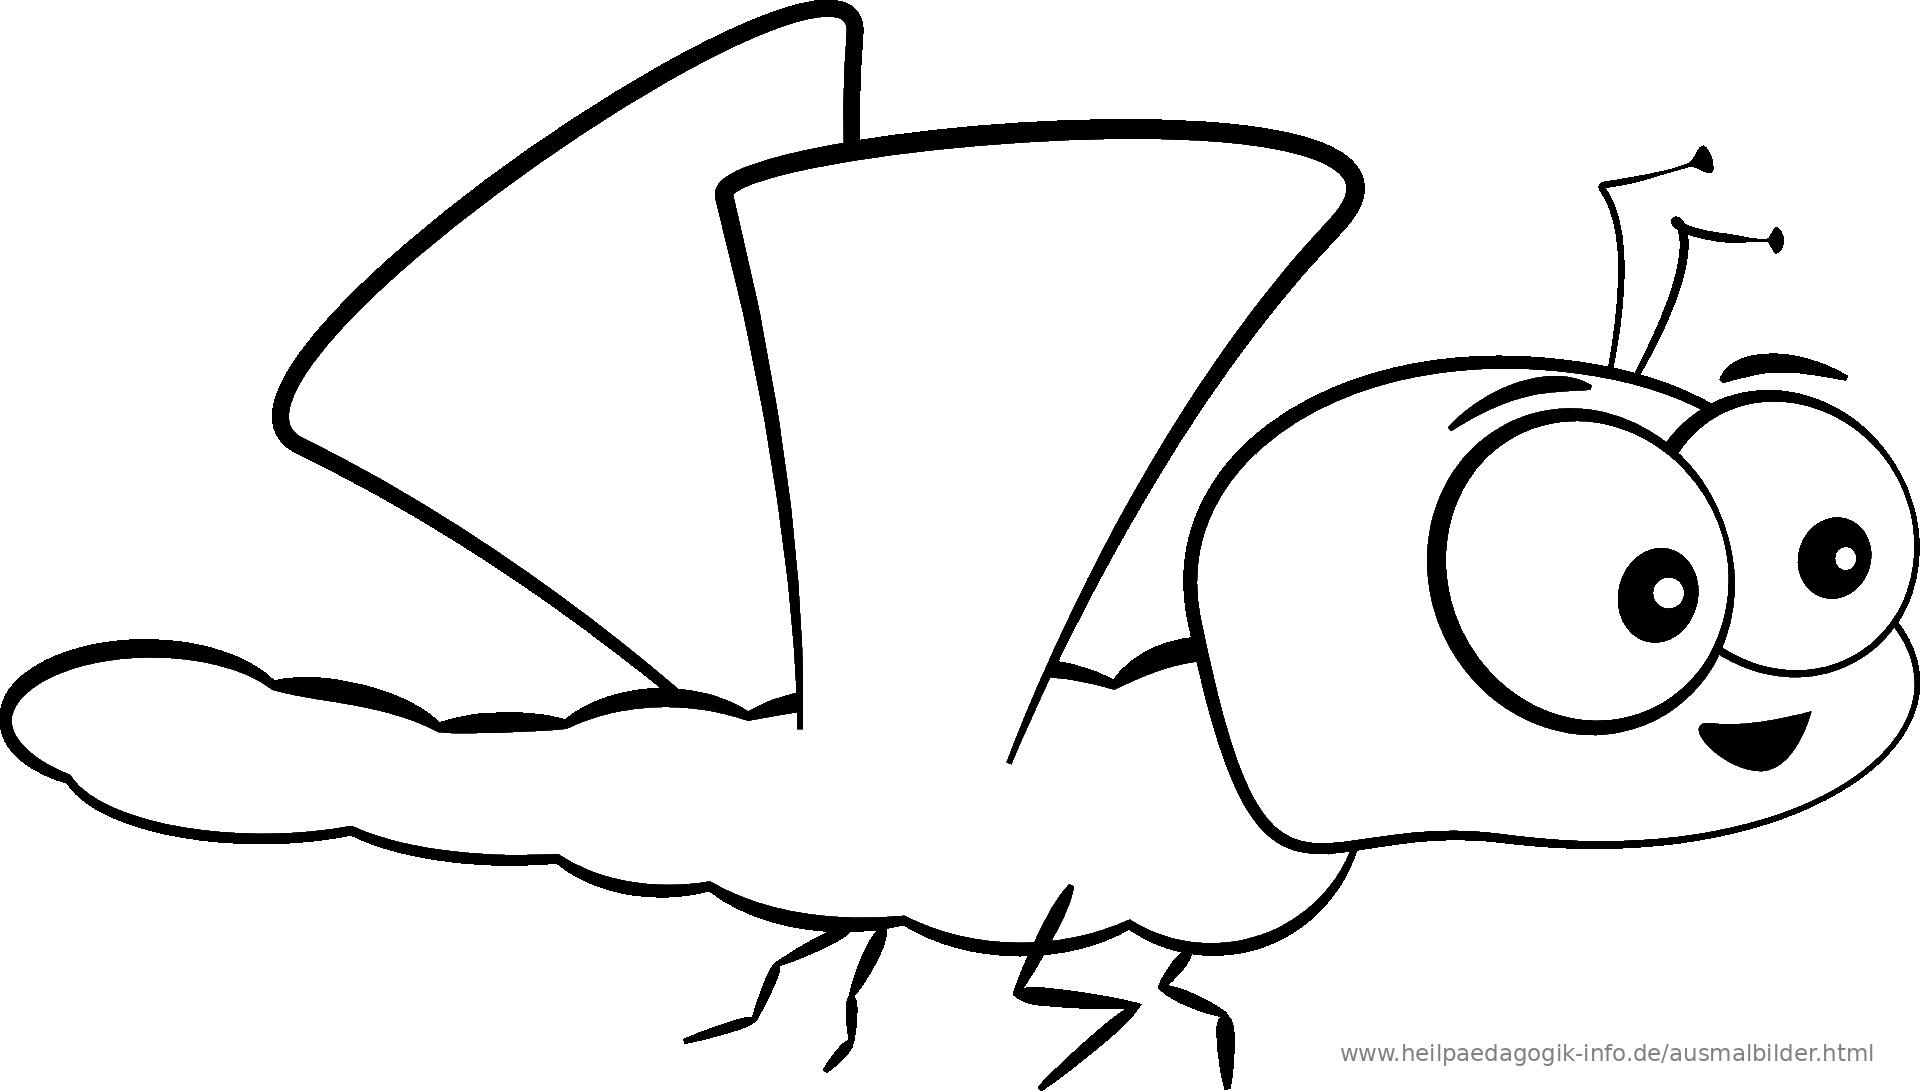 Malvorlagen Käfer Insekten  Coloring and Malvorlagan